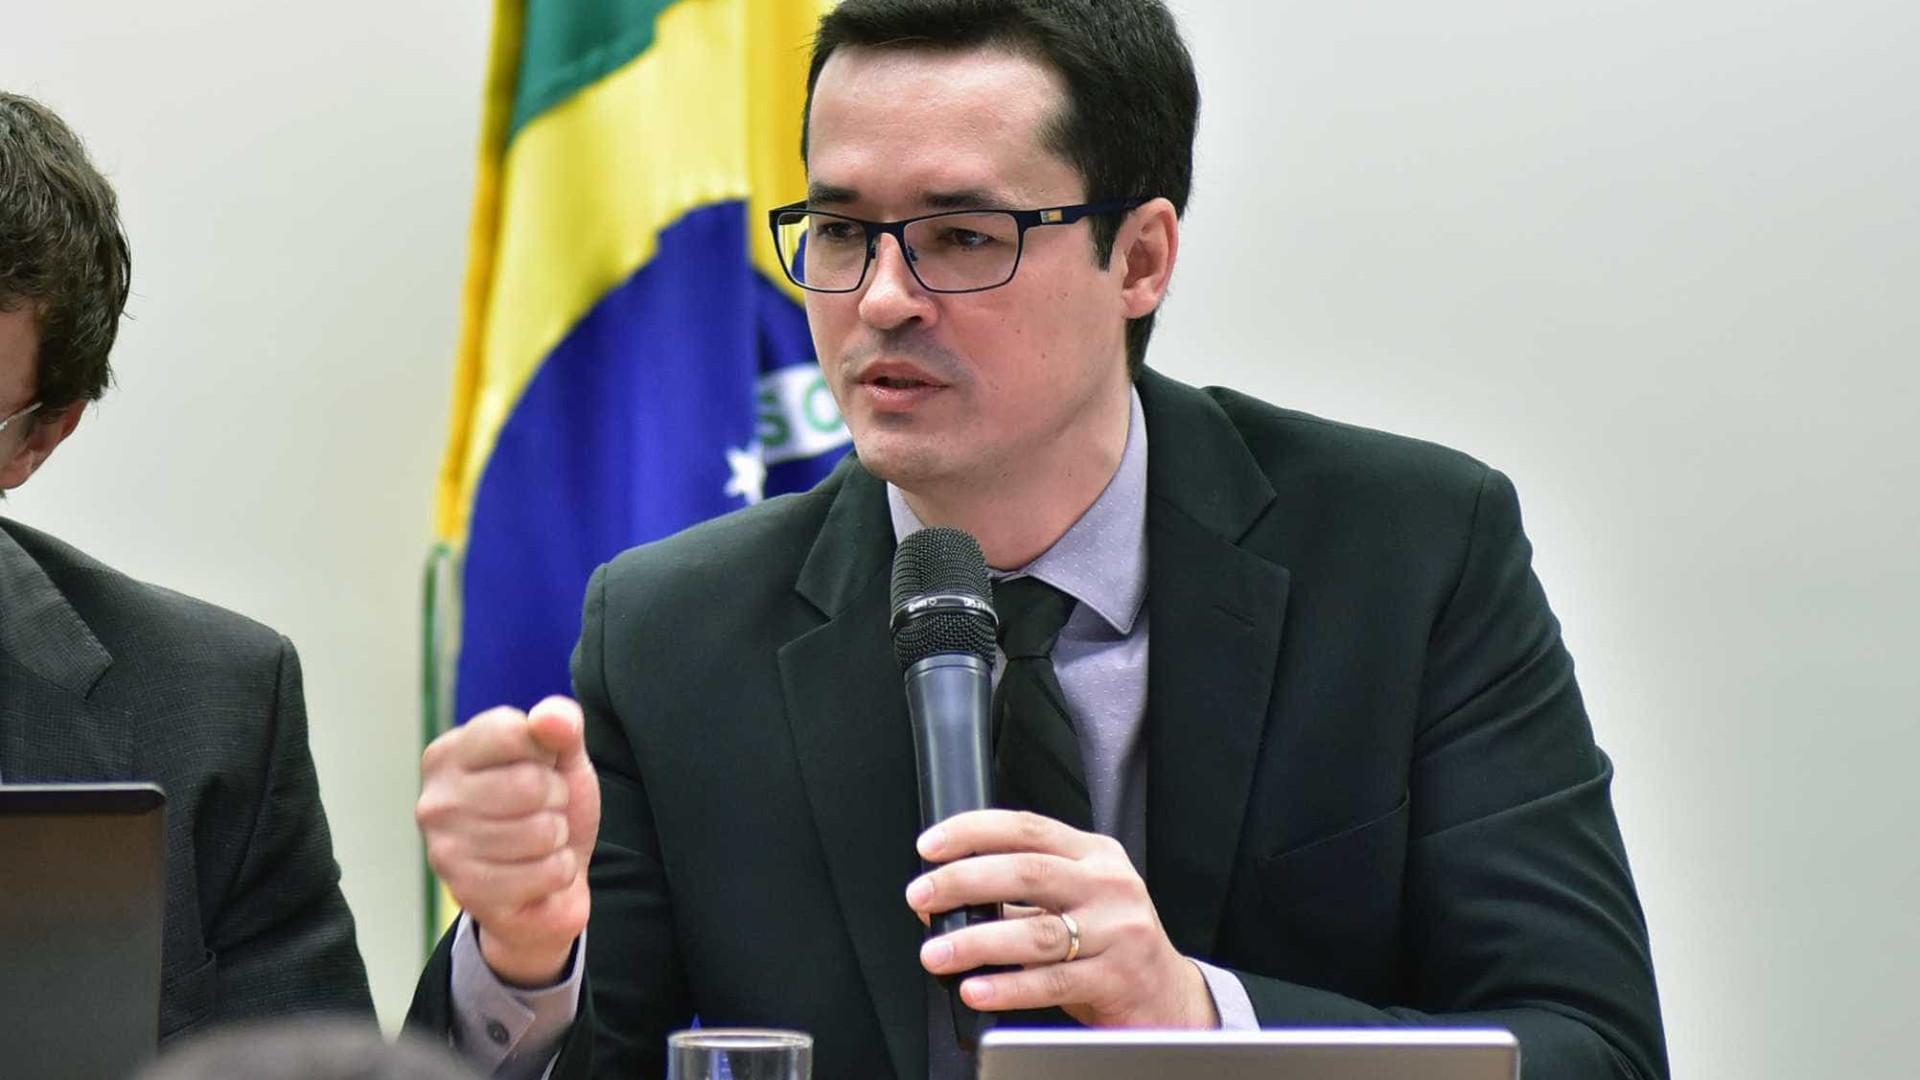 Procurador critica mudanças em pacote anticorrupção